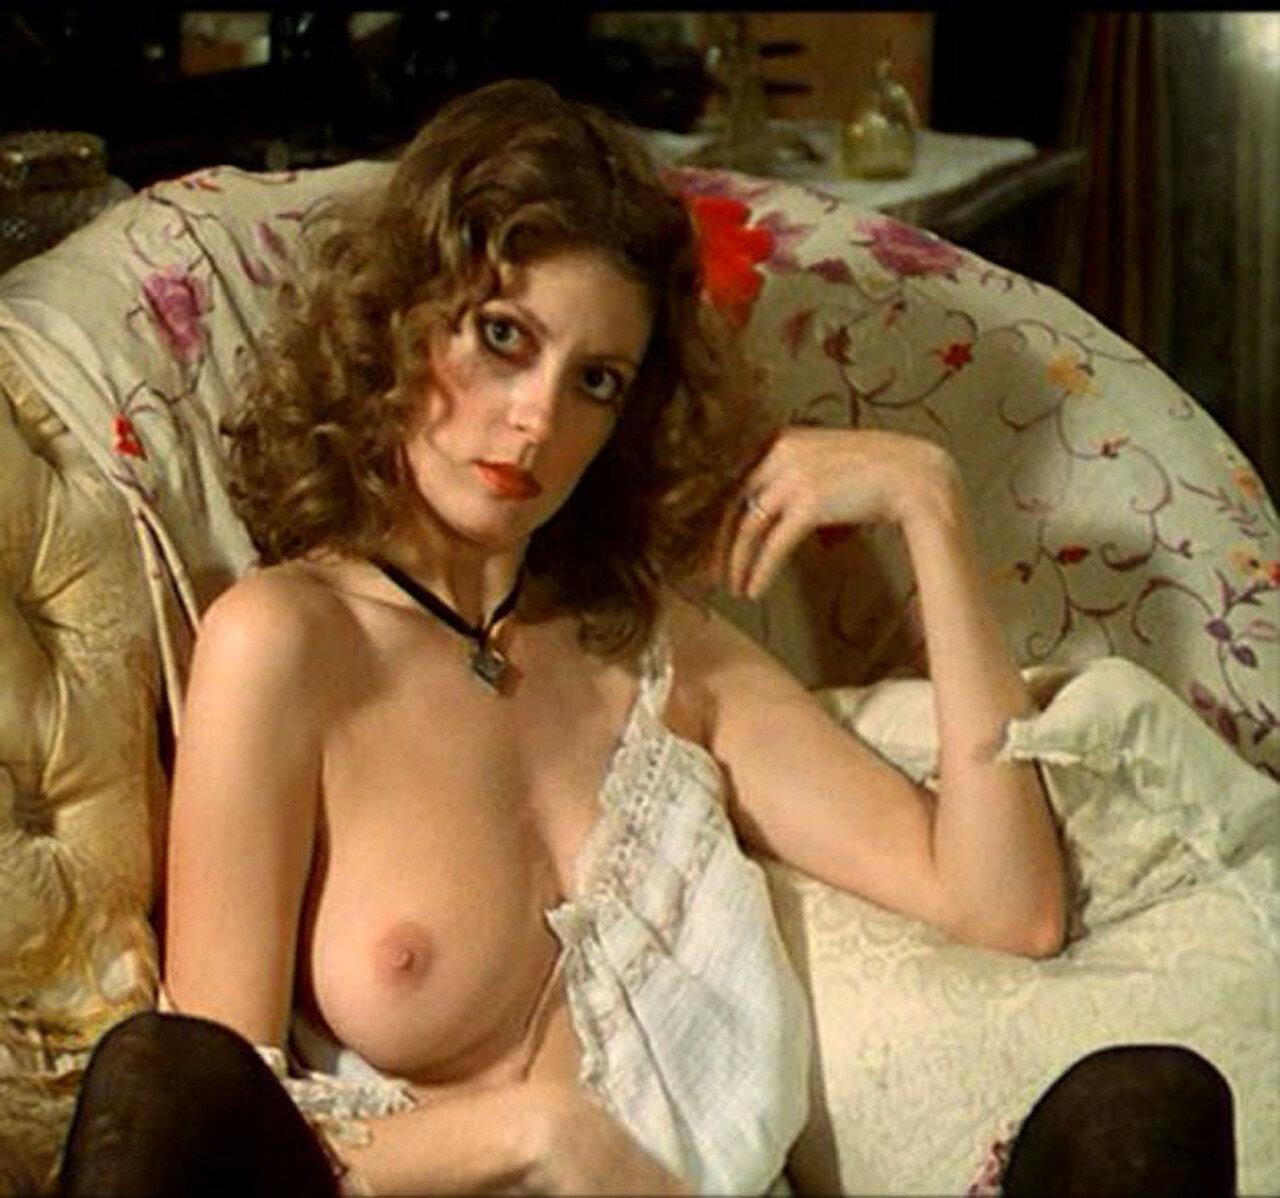 Susan naked babe, nude sylvia mcfarland pussy